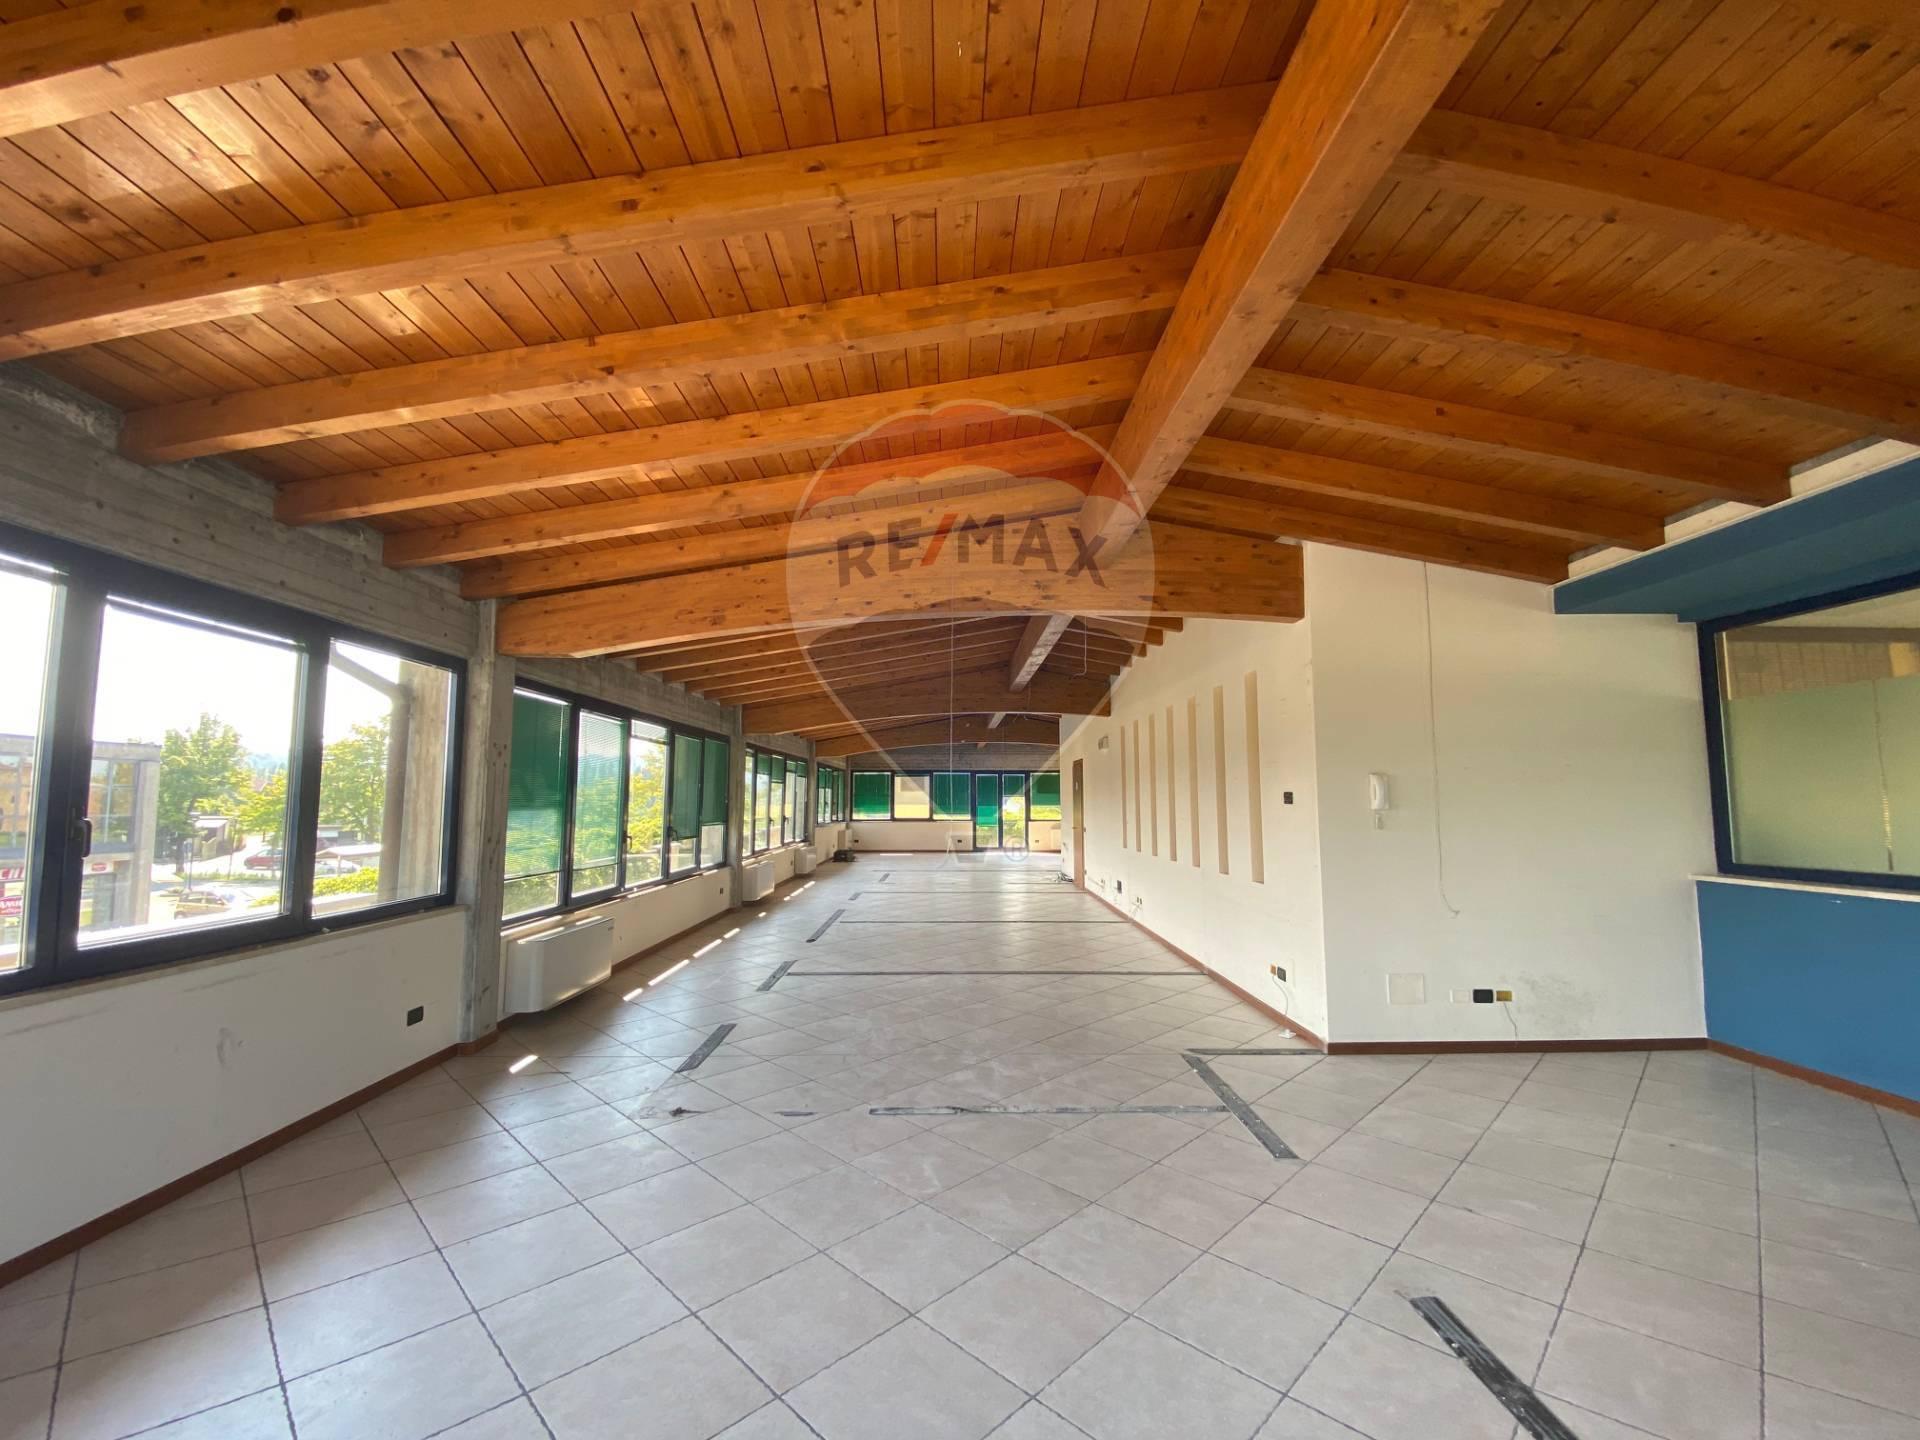 Attività / Licenza in affitto a Manerba del Garda, 9999 locali, prezzo € 2.000 | CambioCasa.it